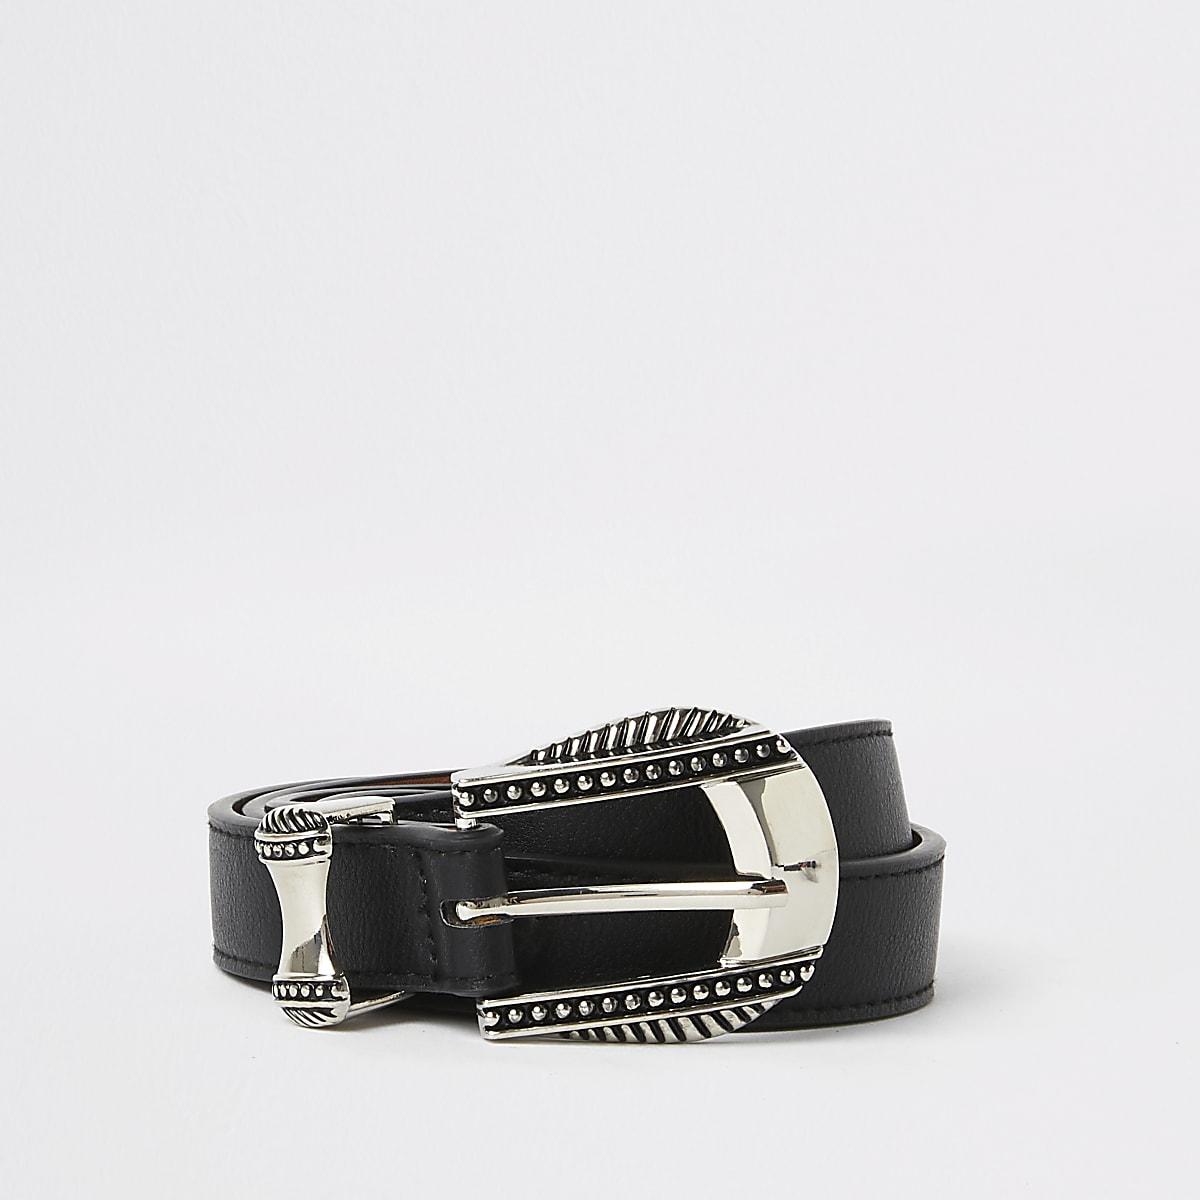 Black western style buckle belt